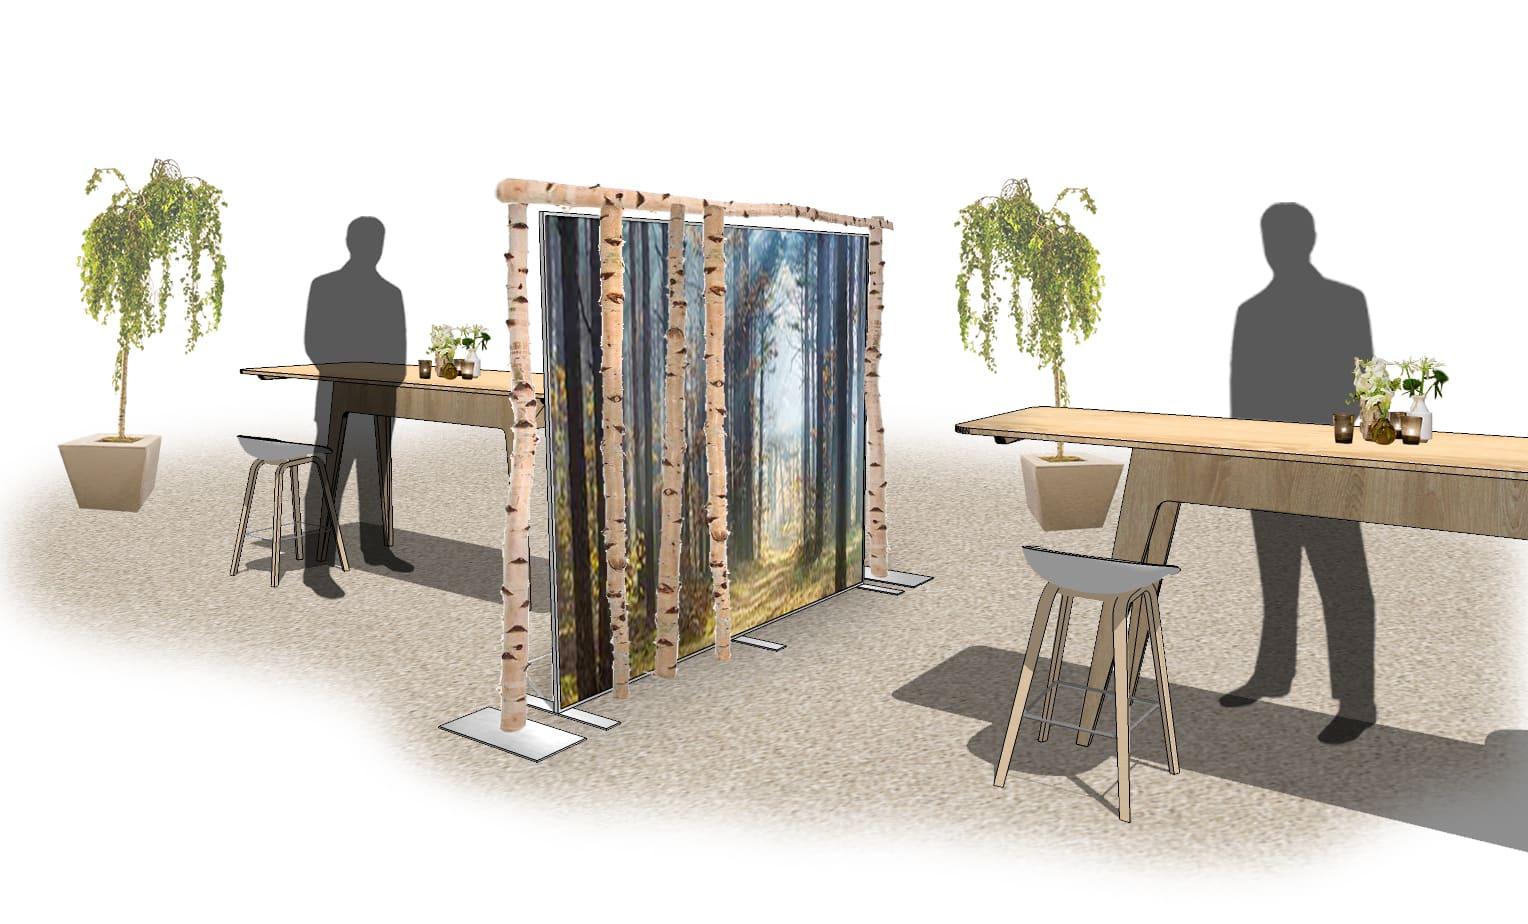 Raumteiler 'wall of birch' Raumteiler aus einen Birkenstamm Rahmen und Stimmungswand mit Print von Bas de Boer Eventstyling für social distancing www.BasdeBoer Eventstyling.de  - Raumteiler / Raumtrenner